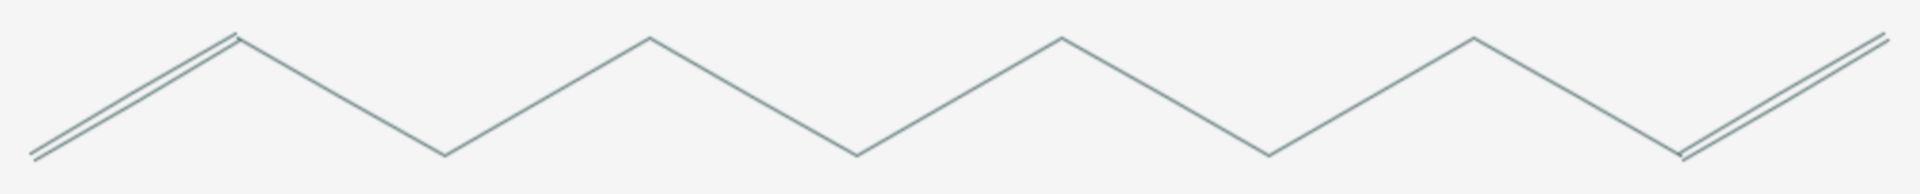 1,9-Decadien (Strukturformel)